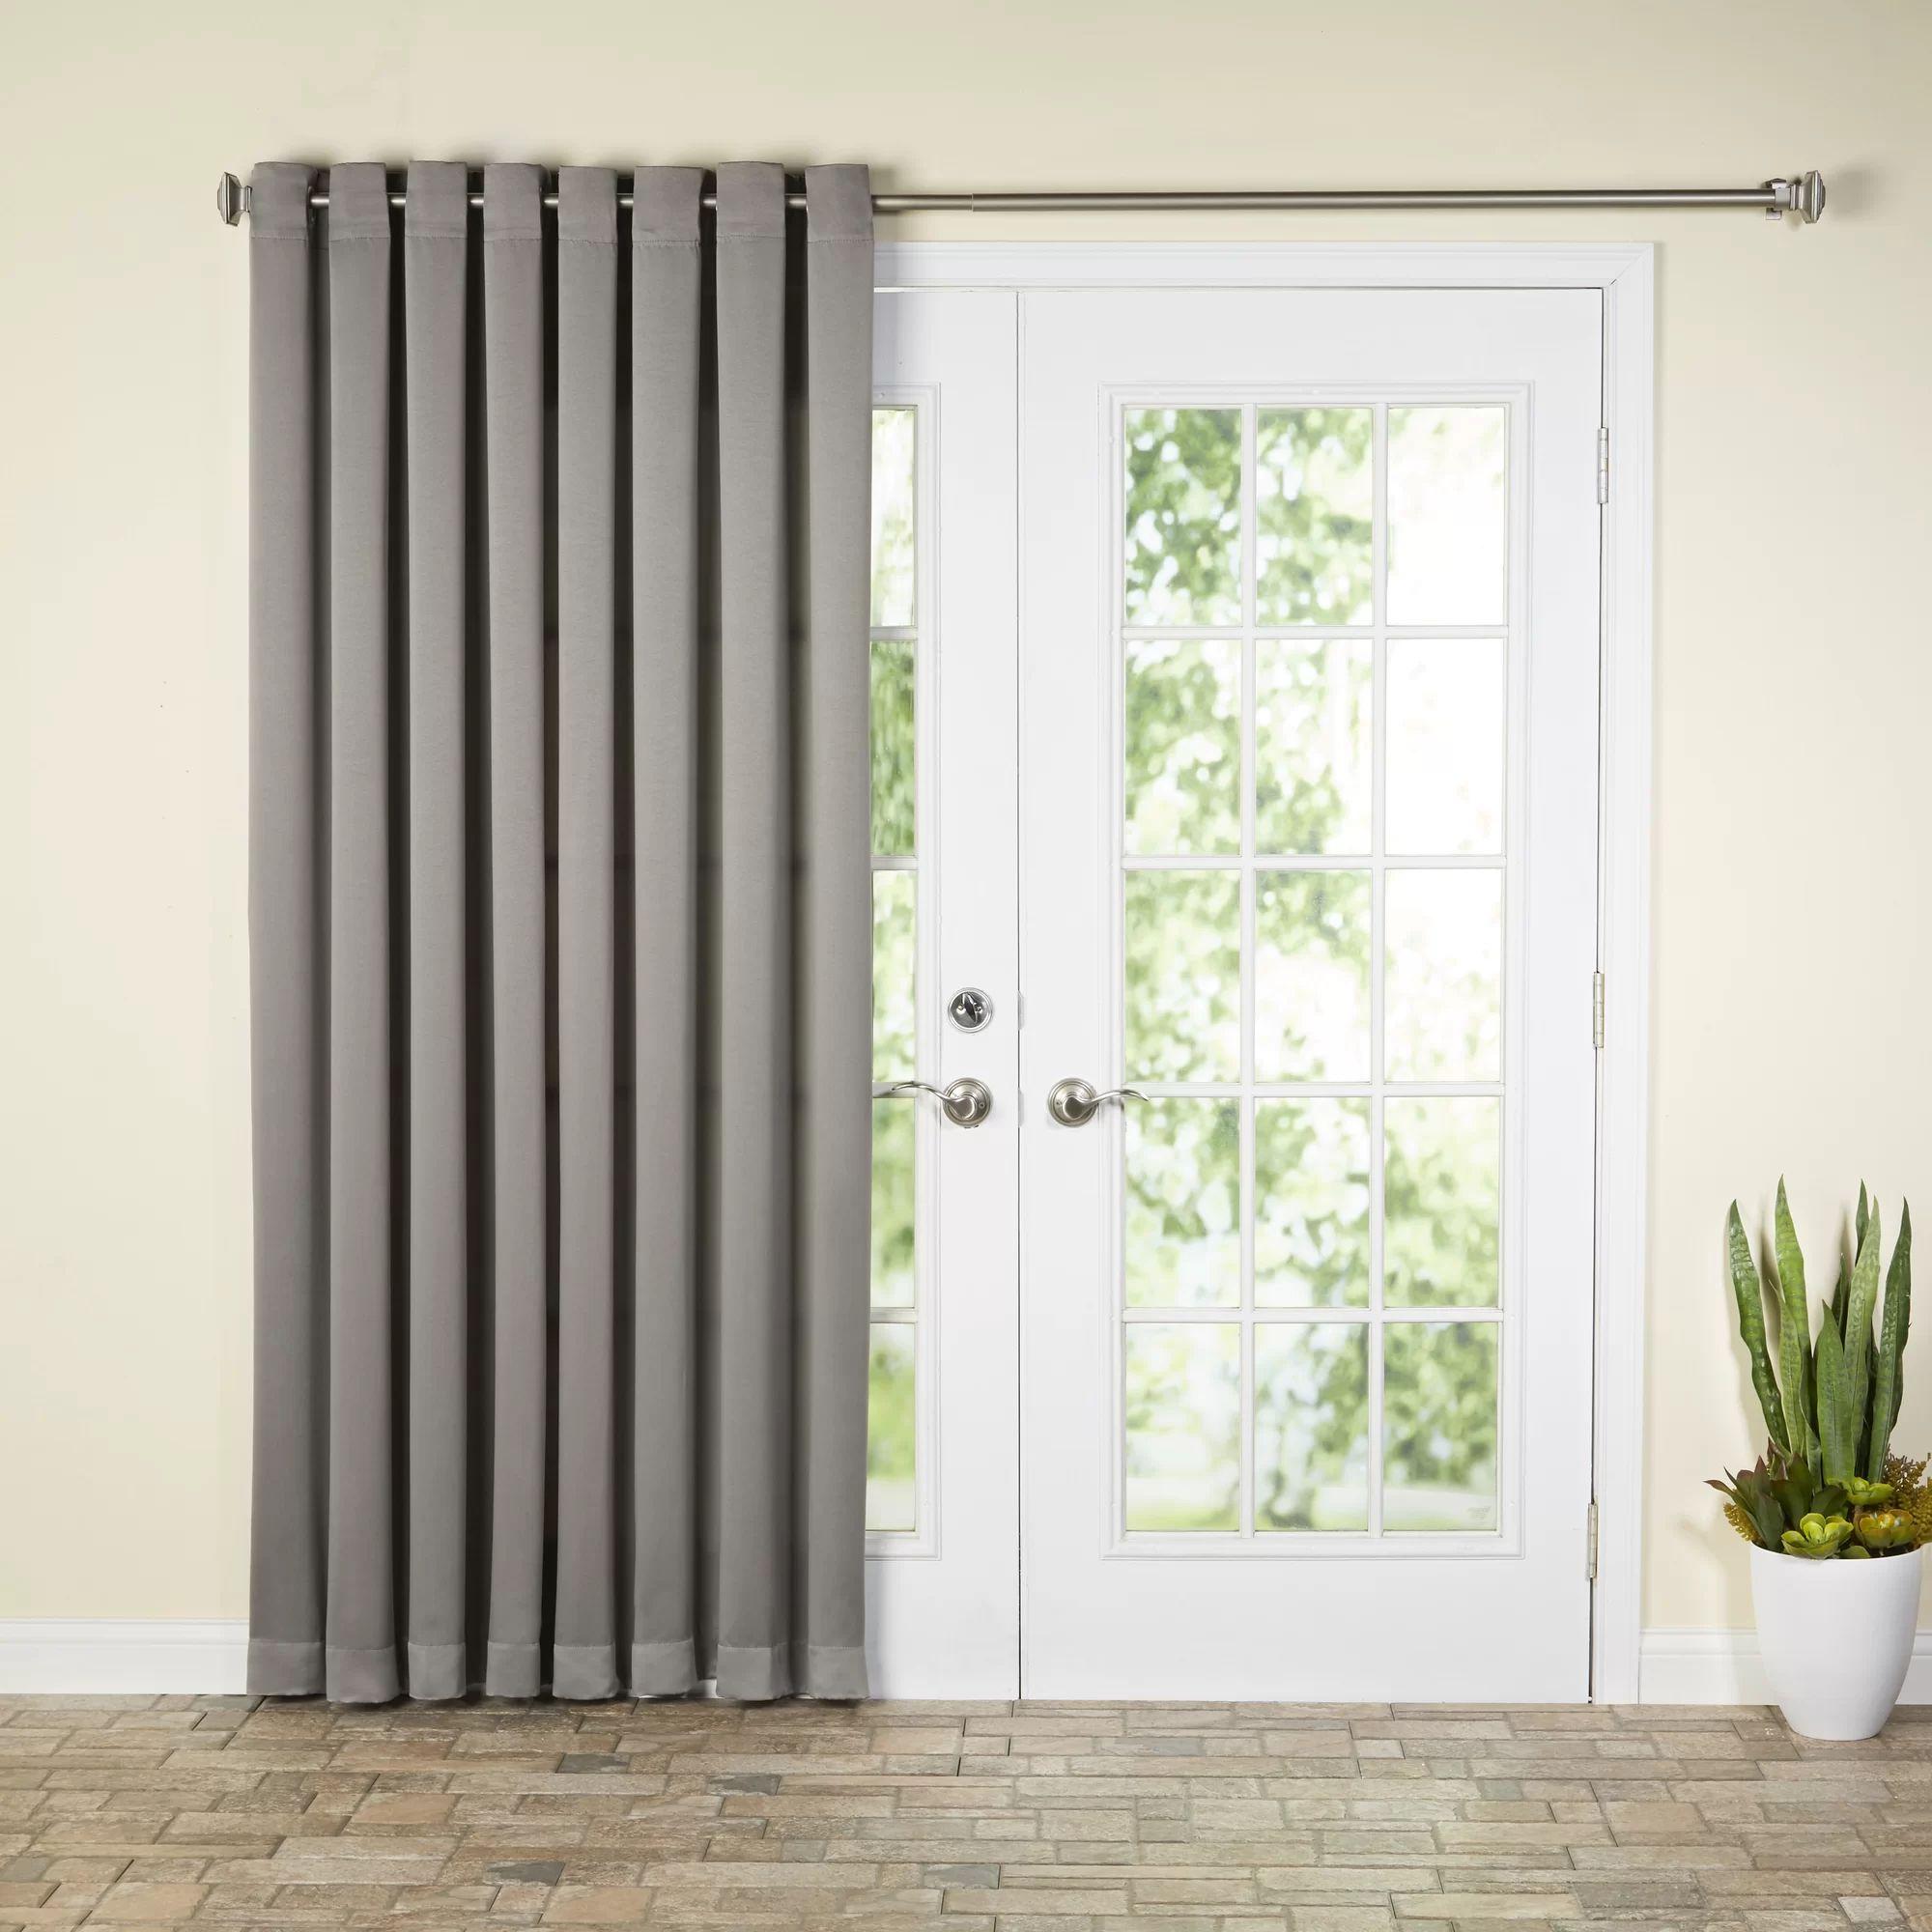 Home window patio door curtain panels grand pointe room darkening - Home Window Patio Door Curtain Panels Grand Pointe Room Darkening Curtains For Patio Doors Sheer Download